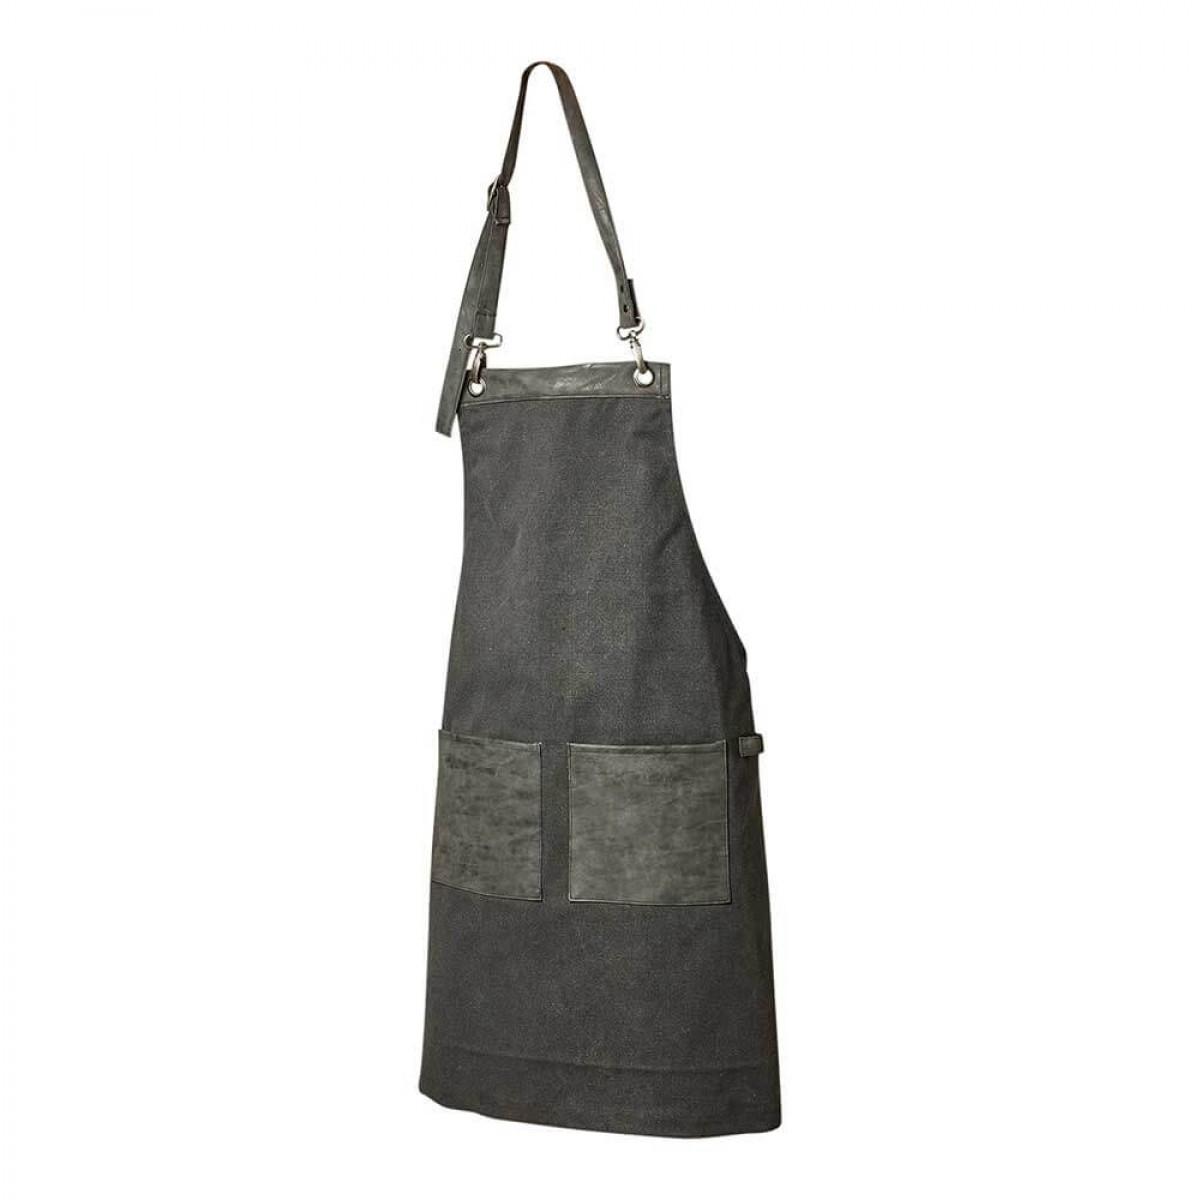 DACORE Forklæde kanvas/PU 2 lommer sort